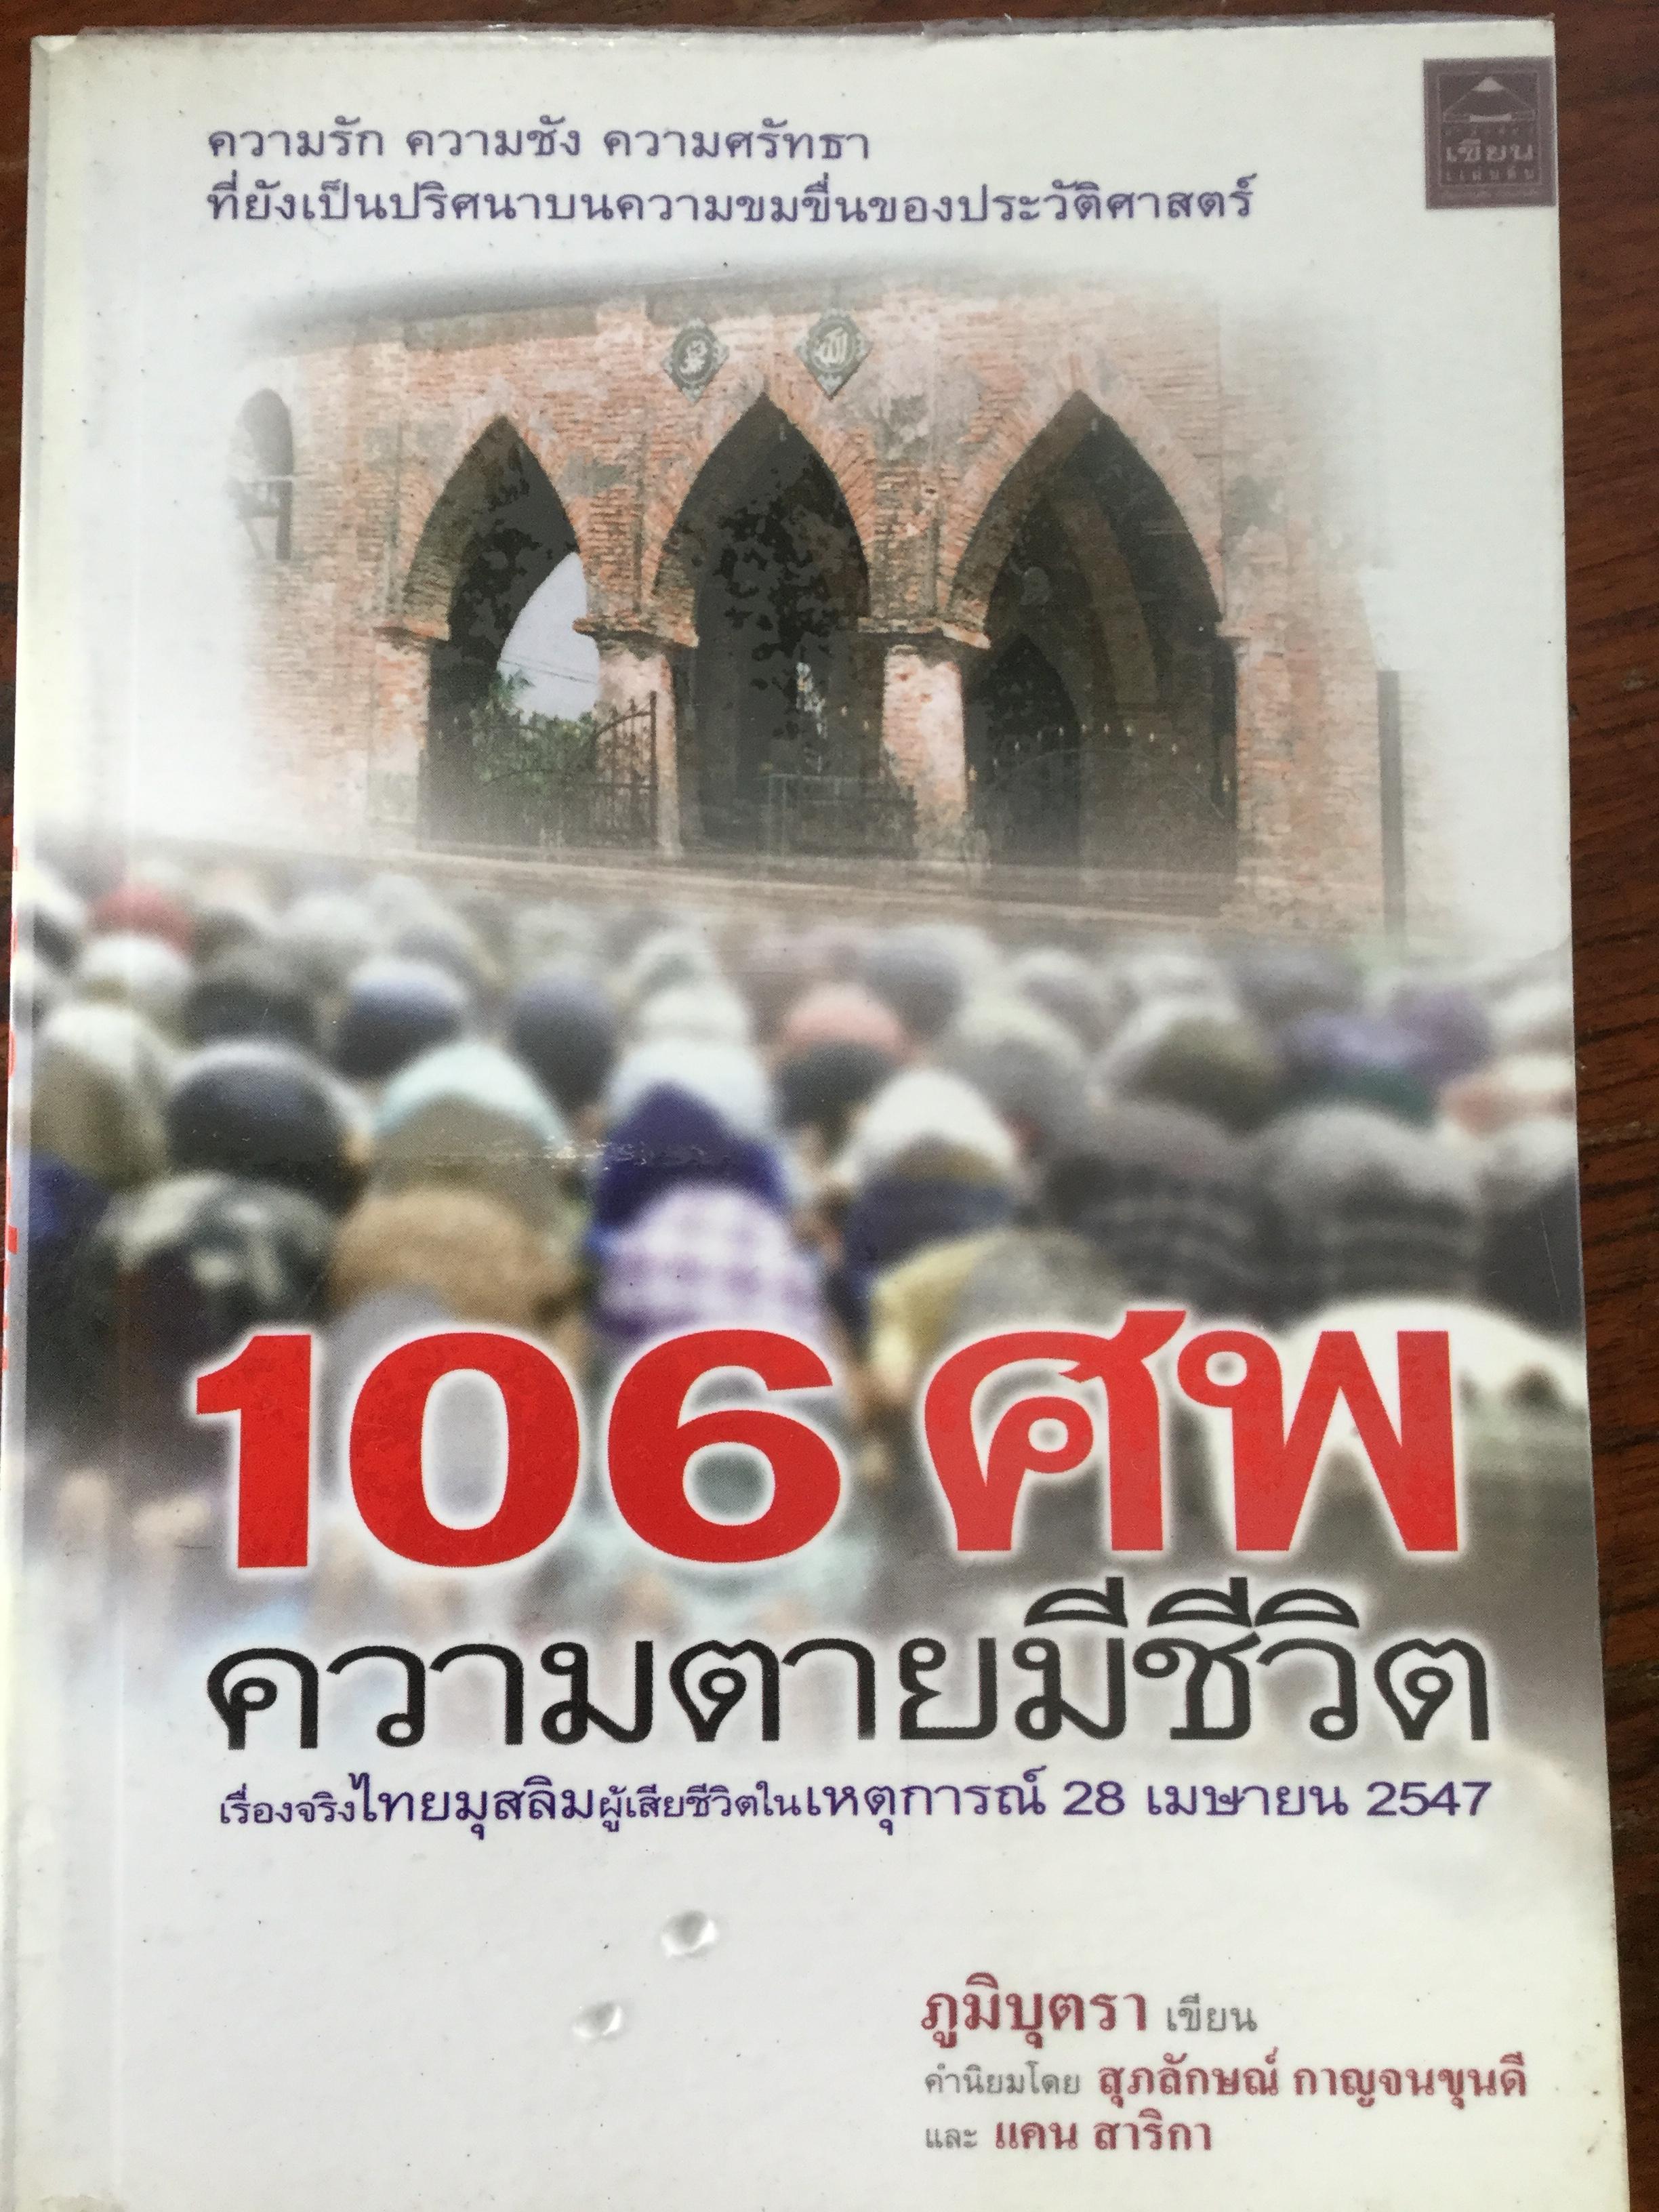 106 ศพ ความตายมีชีวิต. เรื่องจริงไทยมุสลิมผู้เสียชีวิตในเหตุการณ์ 28 เมษายน 2547 ผู้เขียน ภูมิบุตรา คำนิยมโดย สุภลักษณ์ กาญจนขุนดี และแคน สาริกา